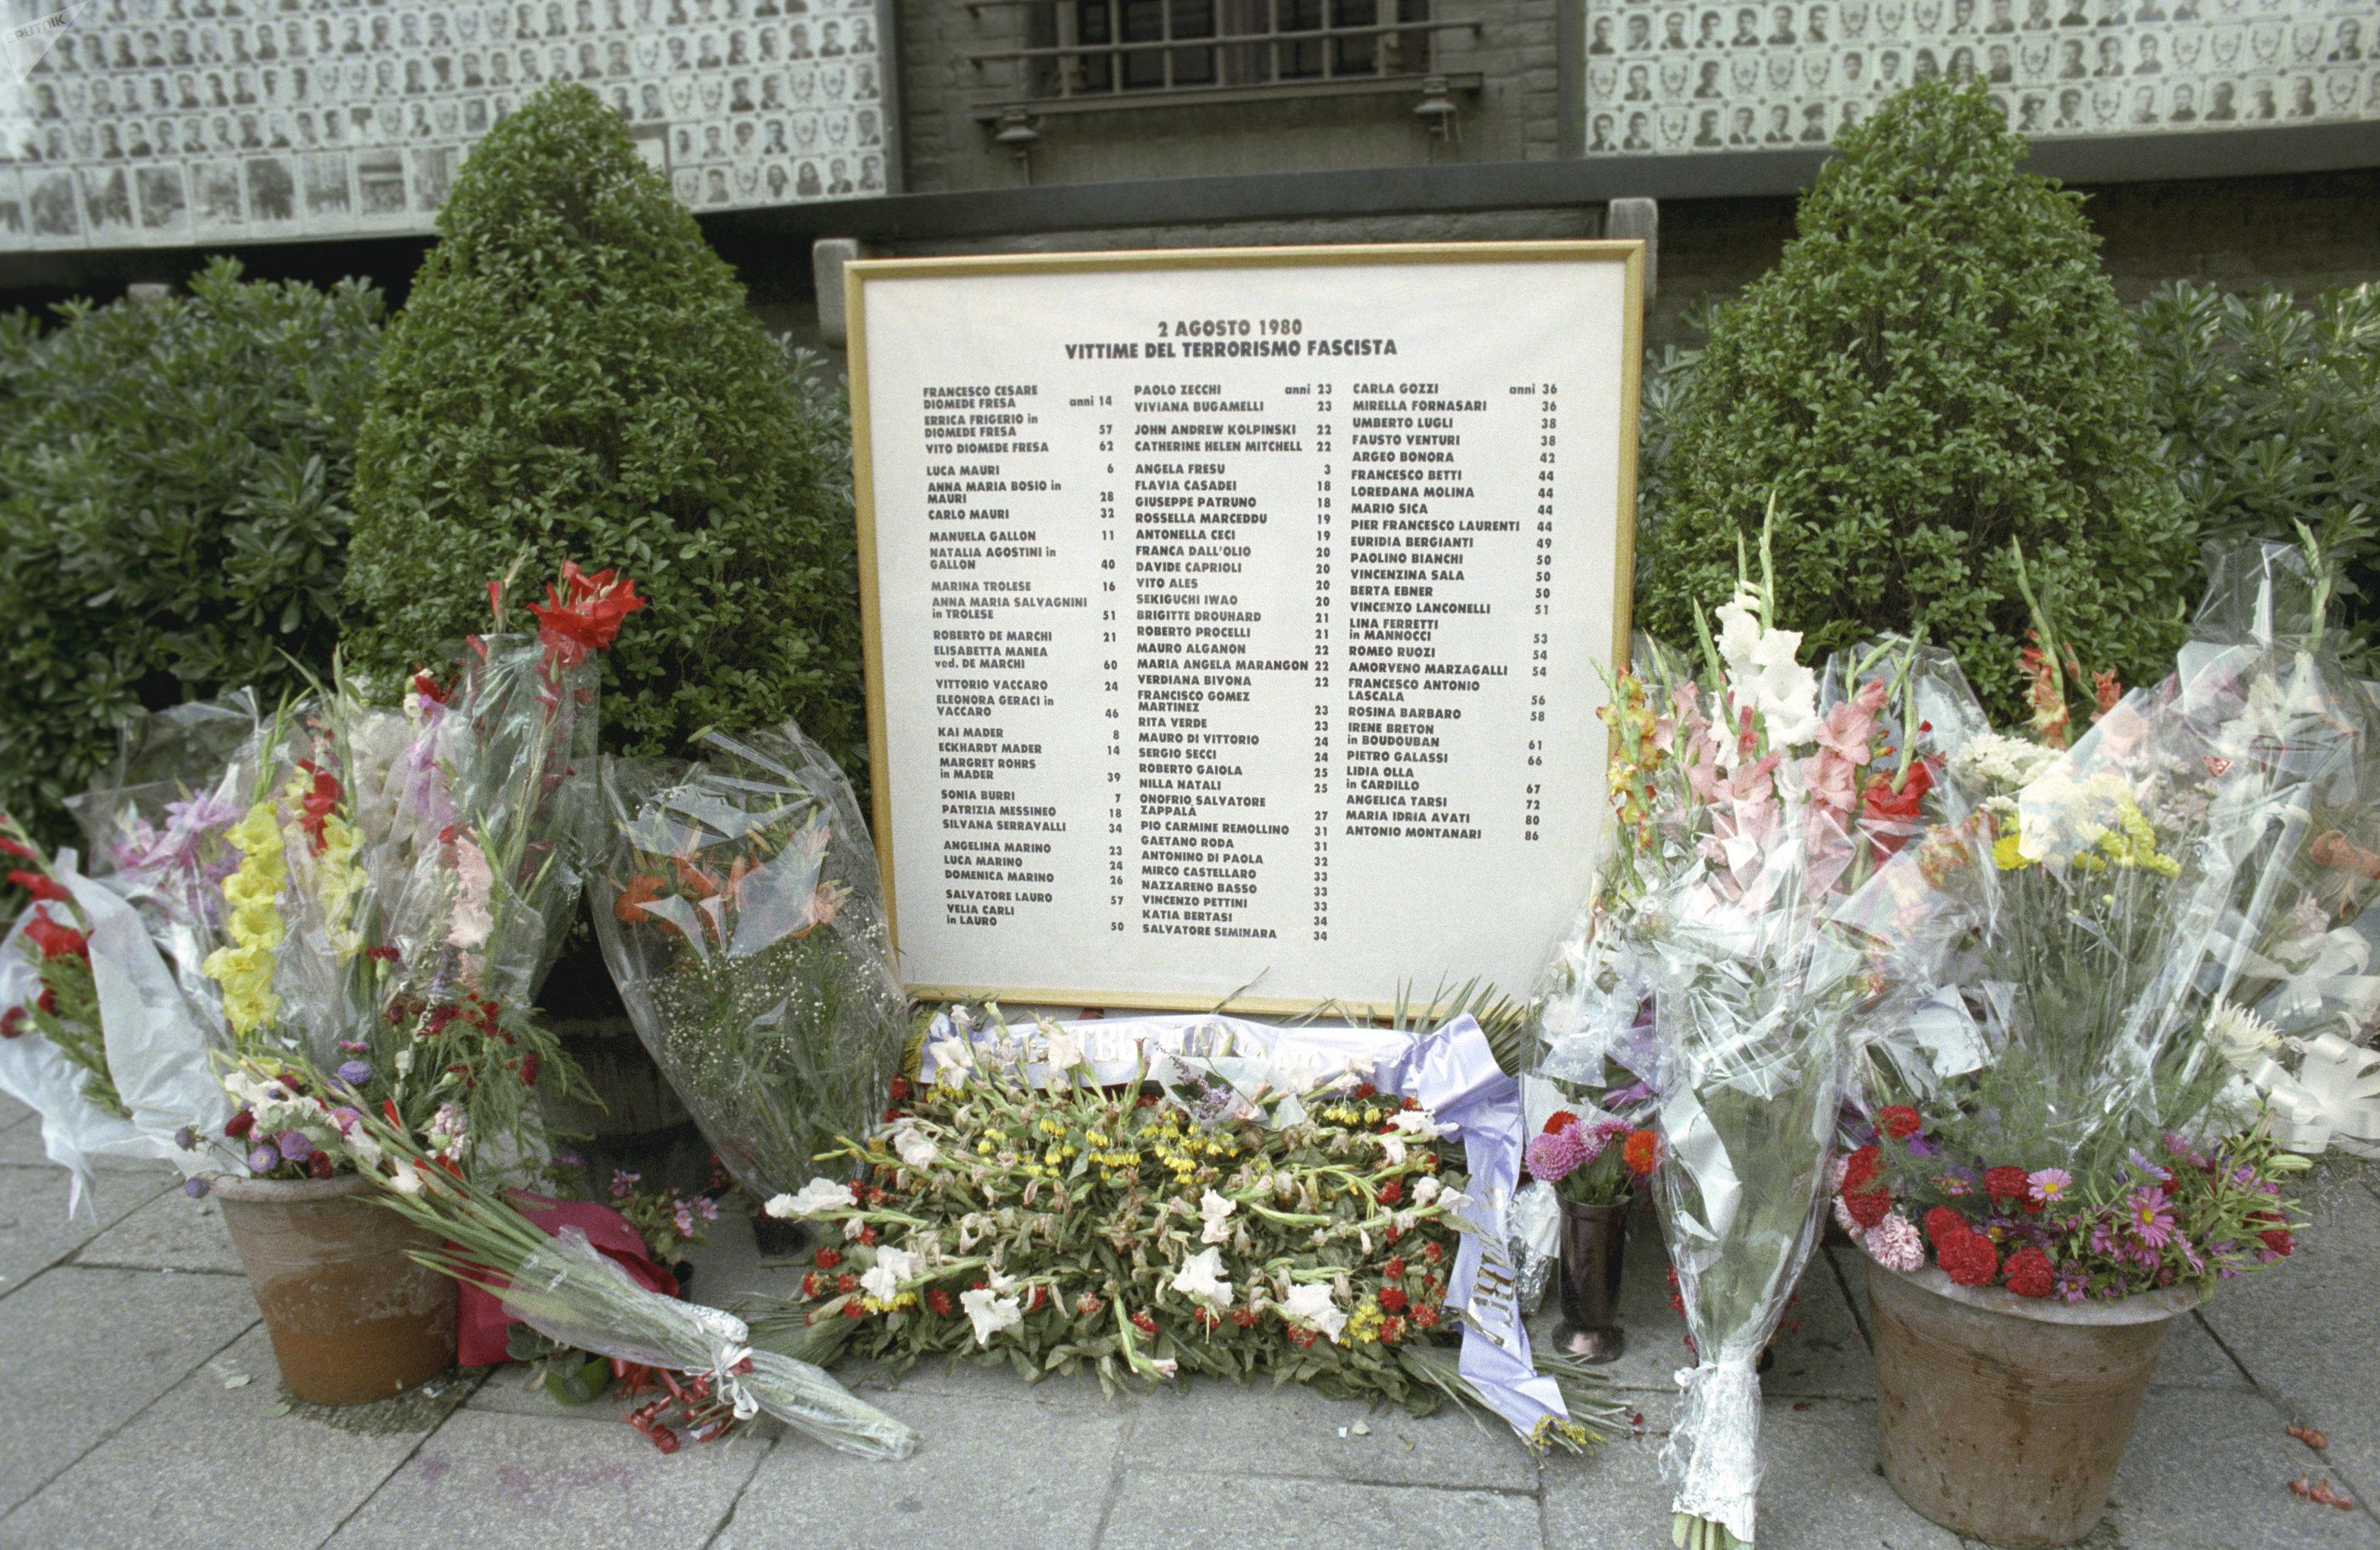 Мемориальная доска в память о жертвах теракта 2 августа 1980 года в Риме